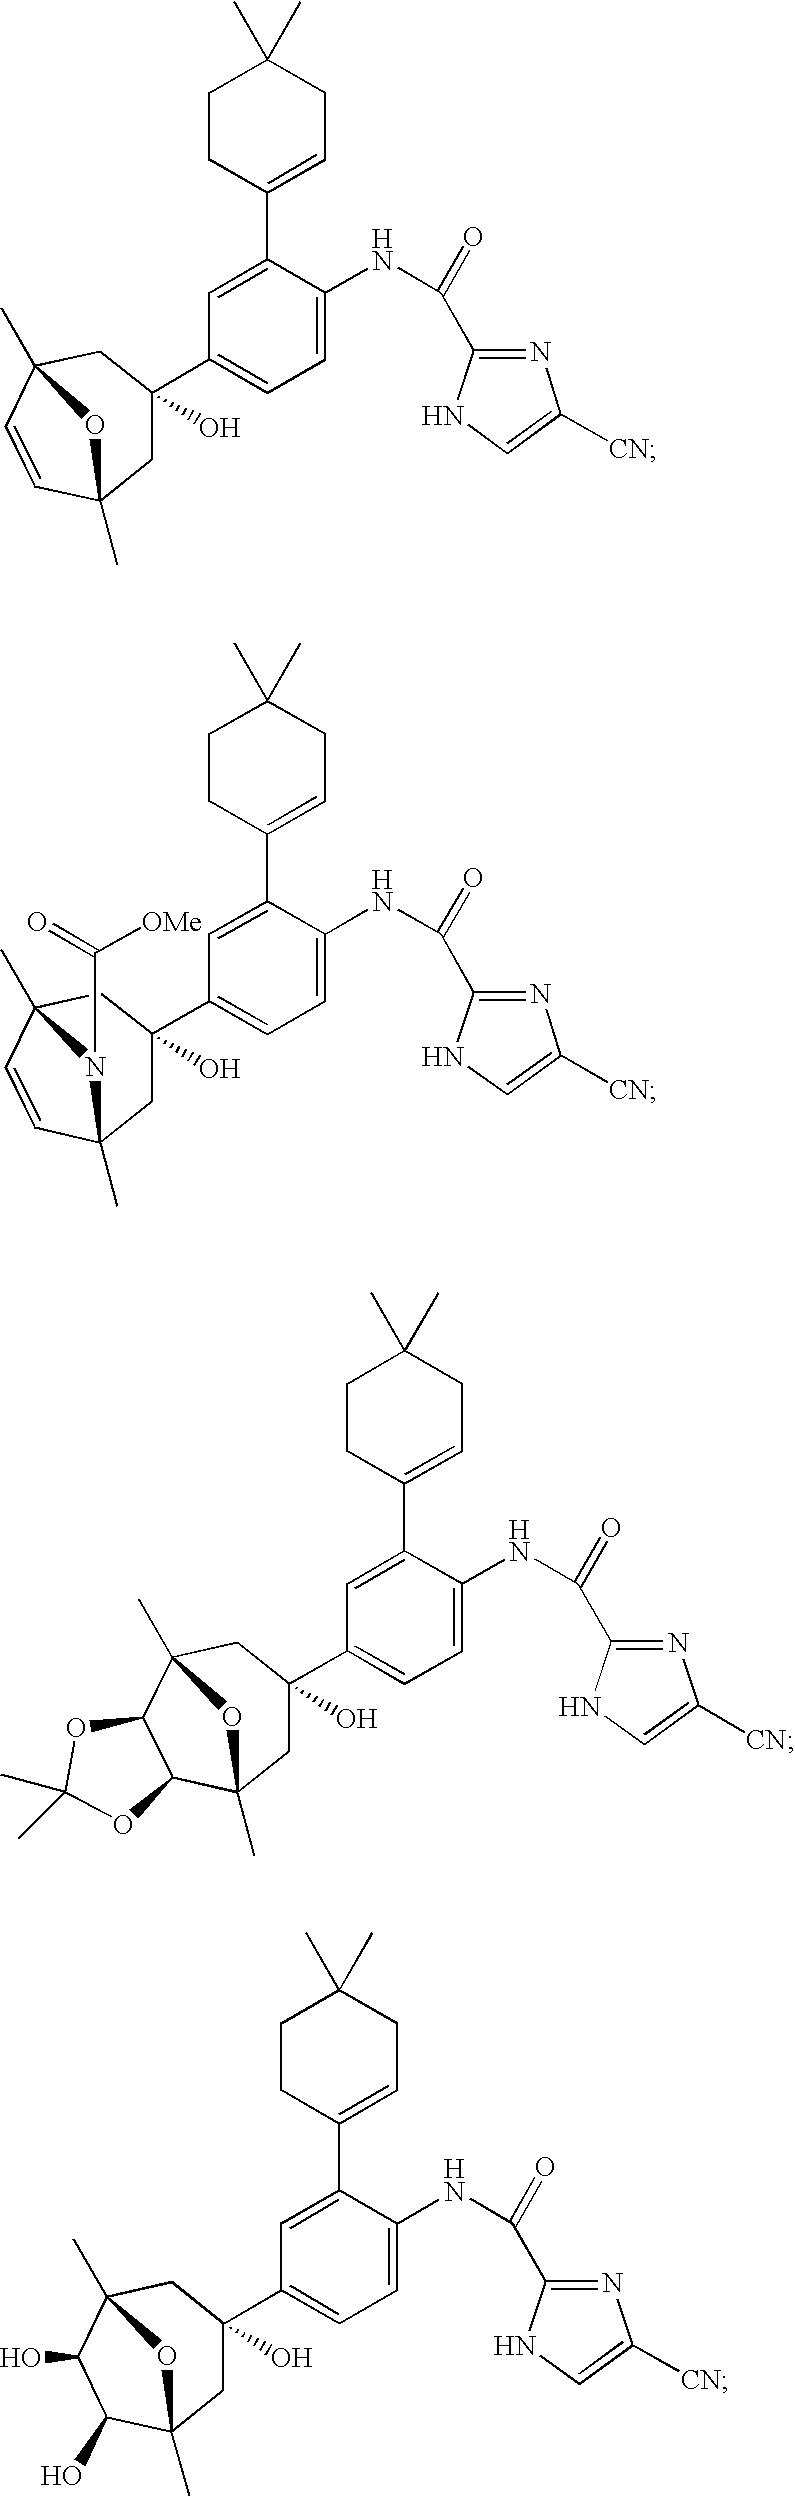 Figure US08497376-20130730-C00038